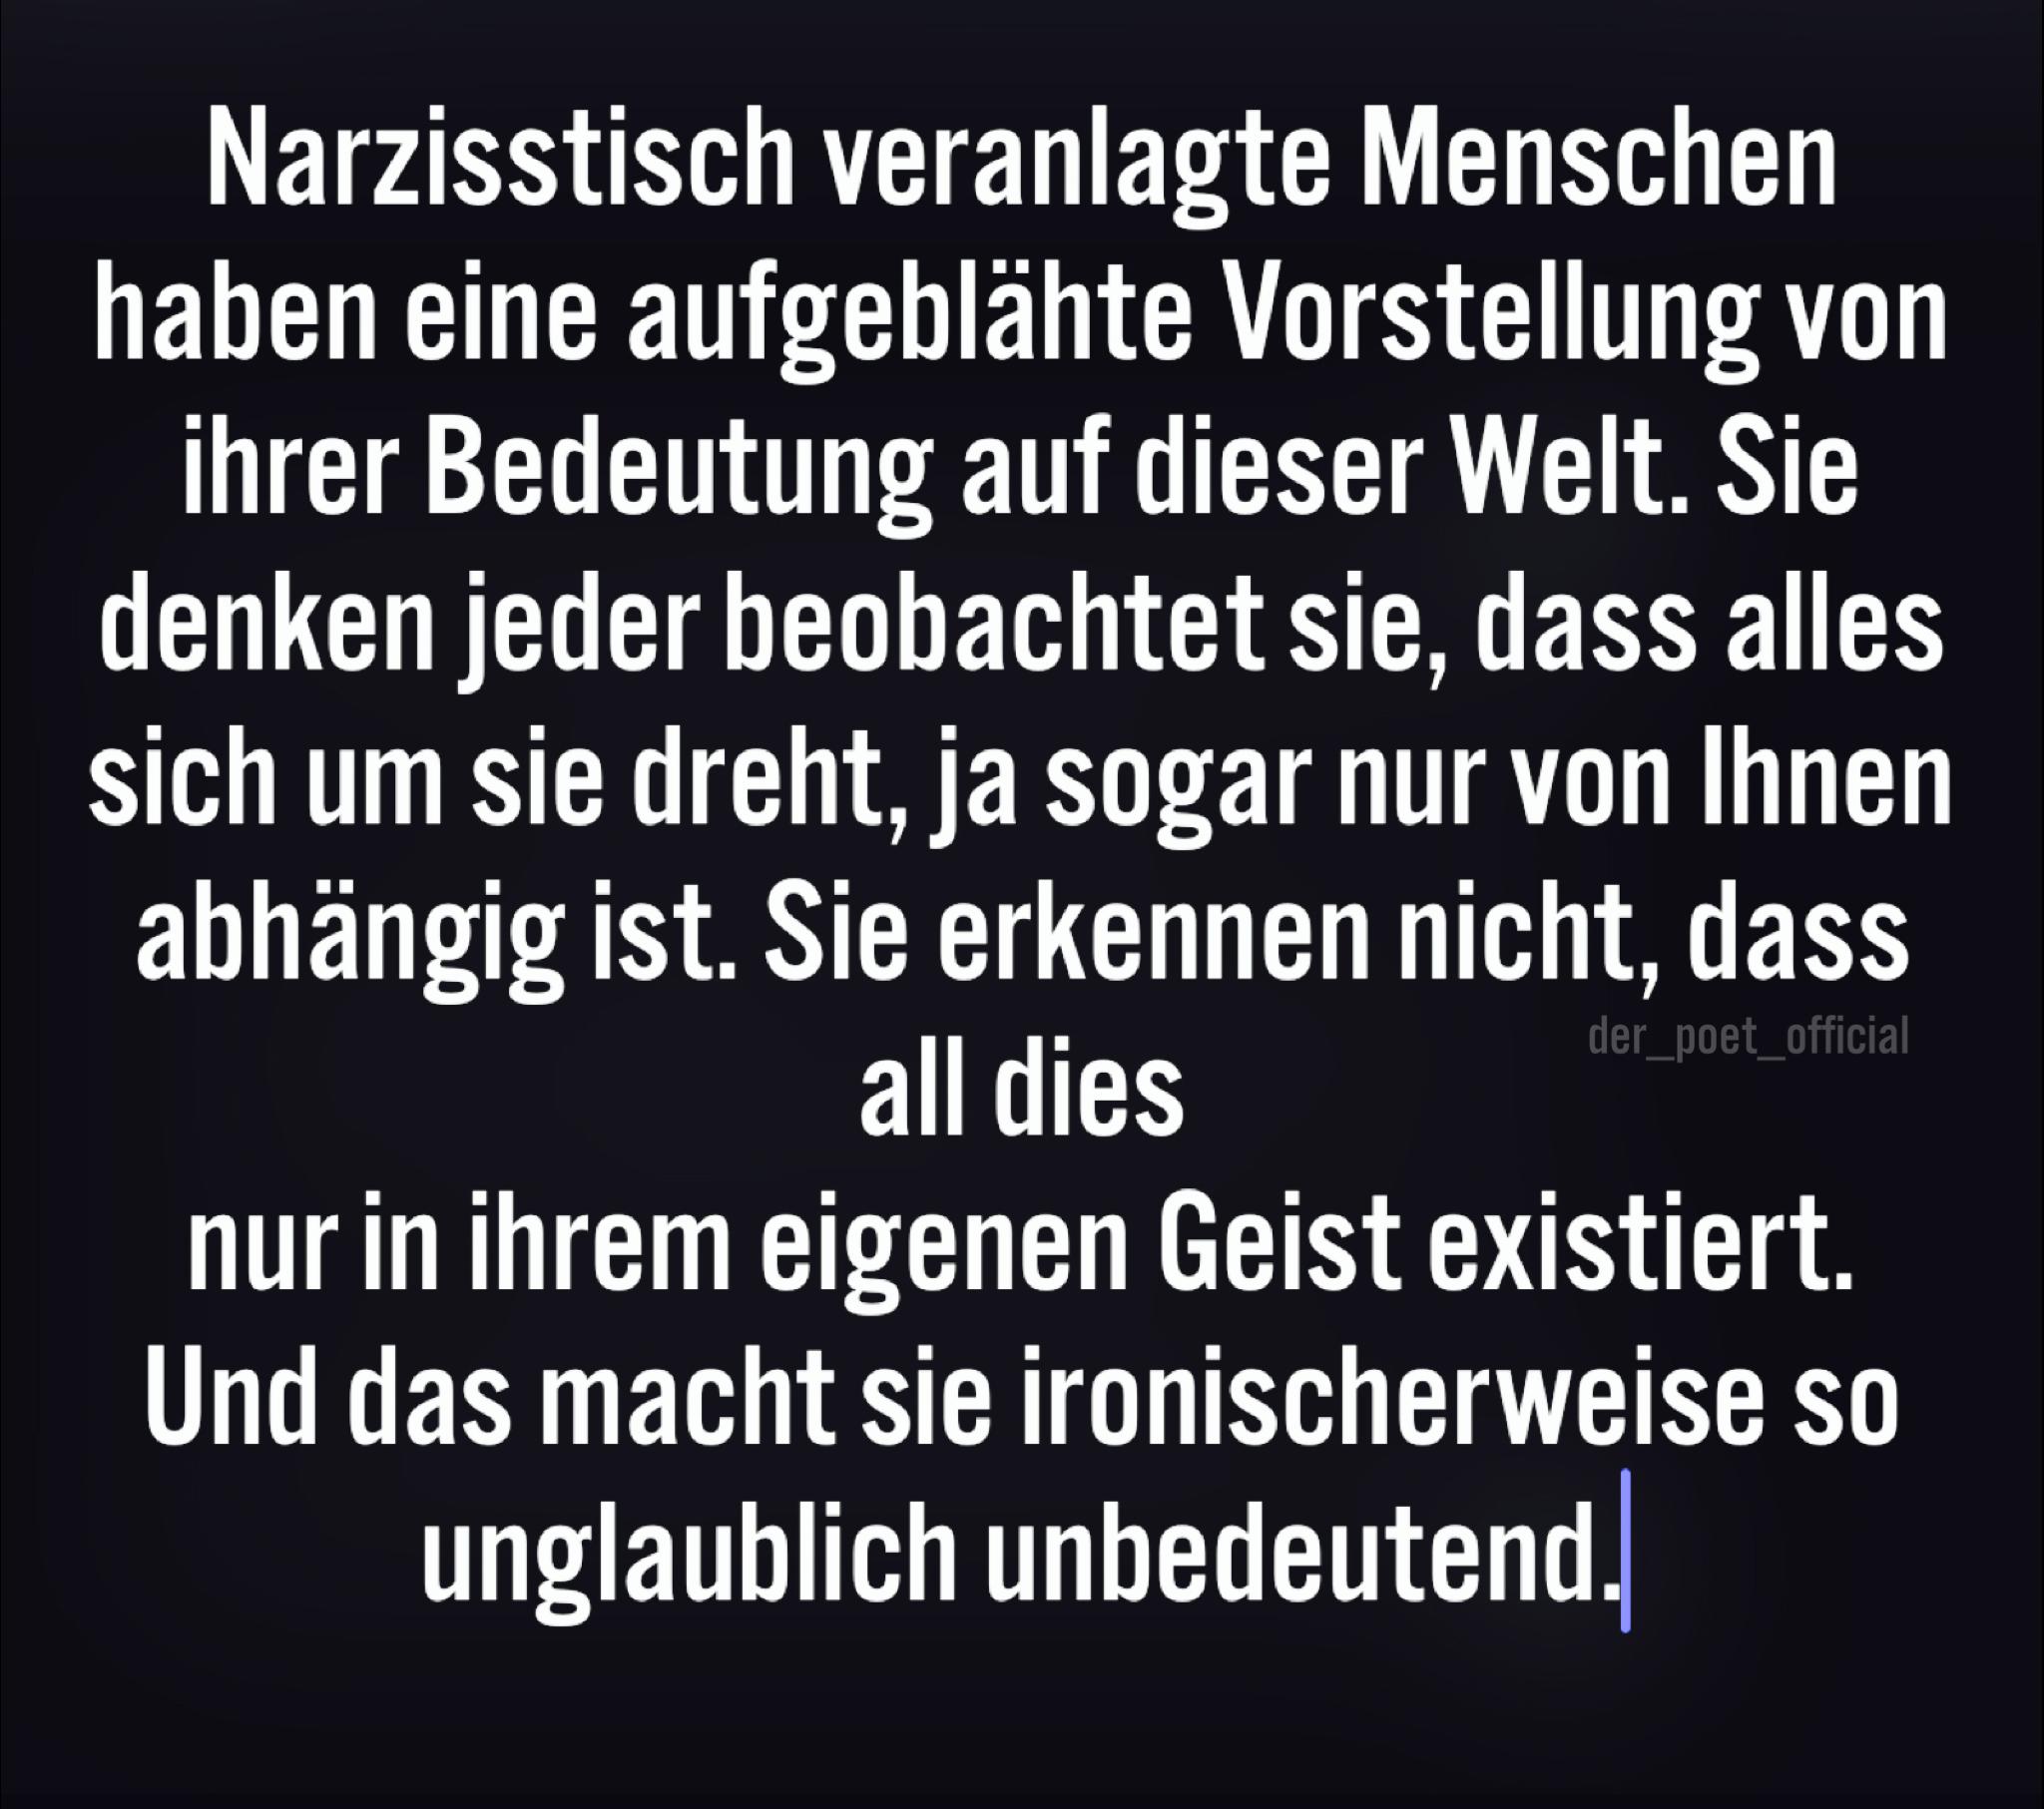 Narzissten sprüche Karma Sprüche: